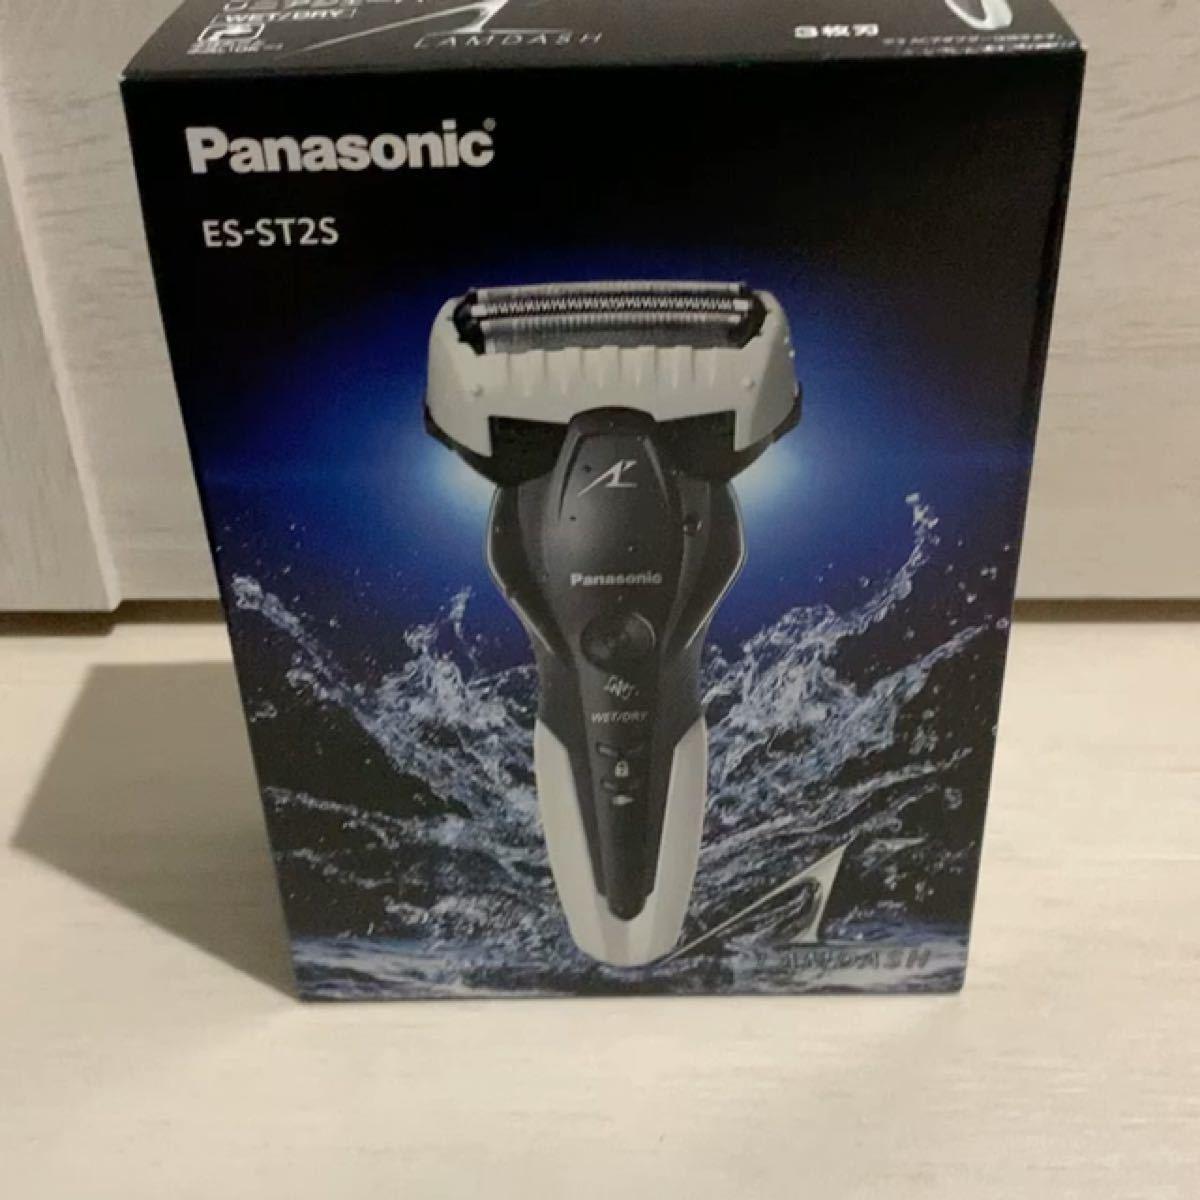 Panasonic パナソニック リニアシェーバー ラムダッシュ (3枚刃) ES-ST2S-W 新品未使用